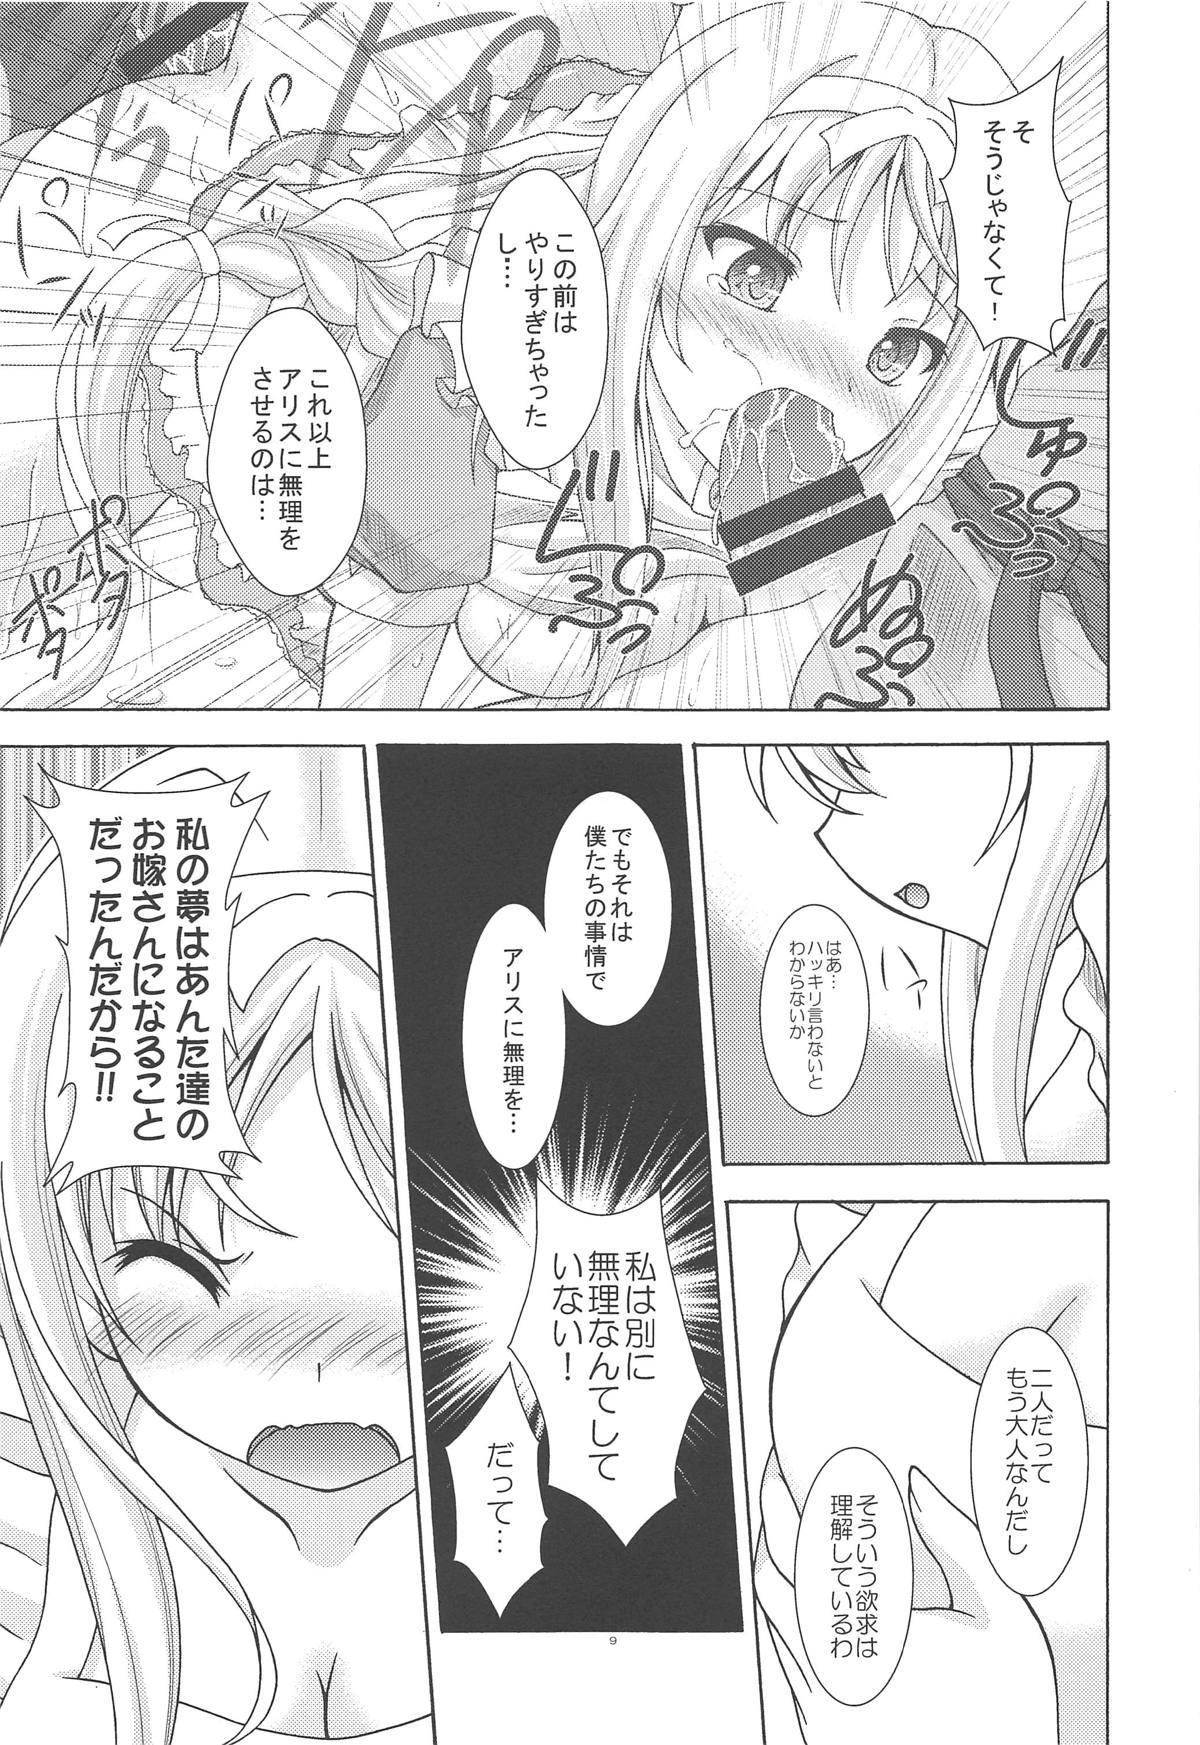 Yume no Kuni no Alice 7